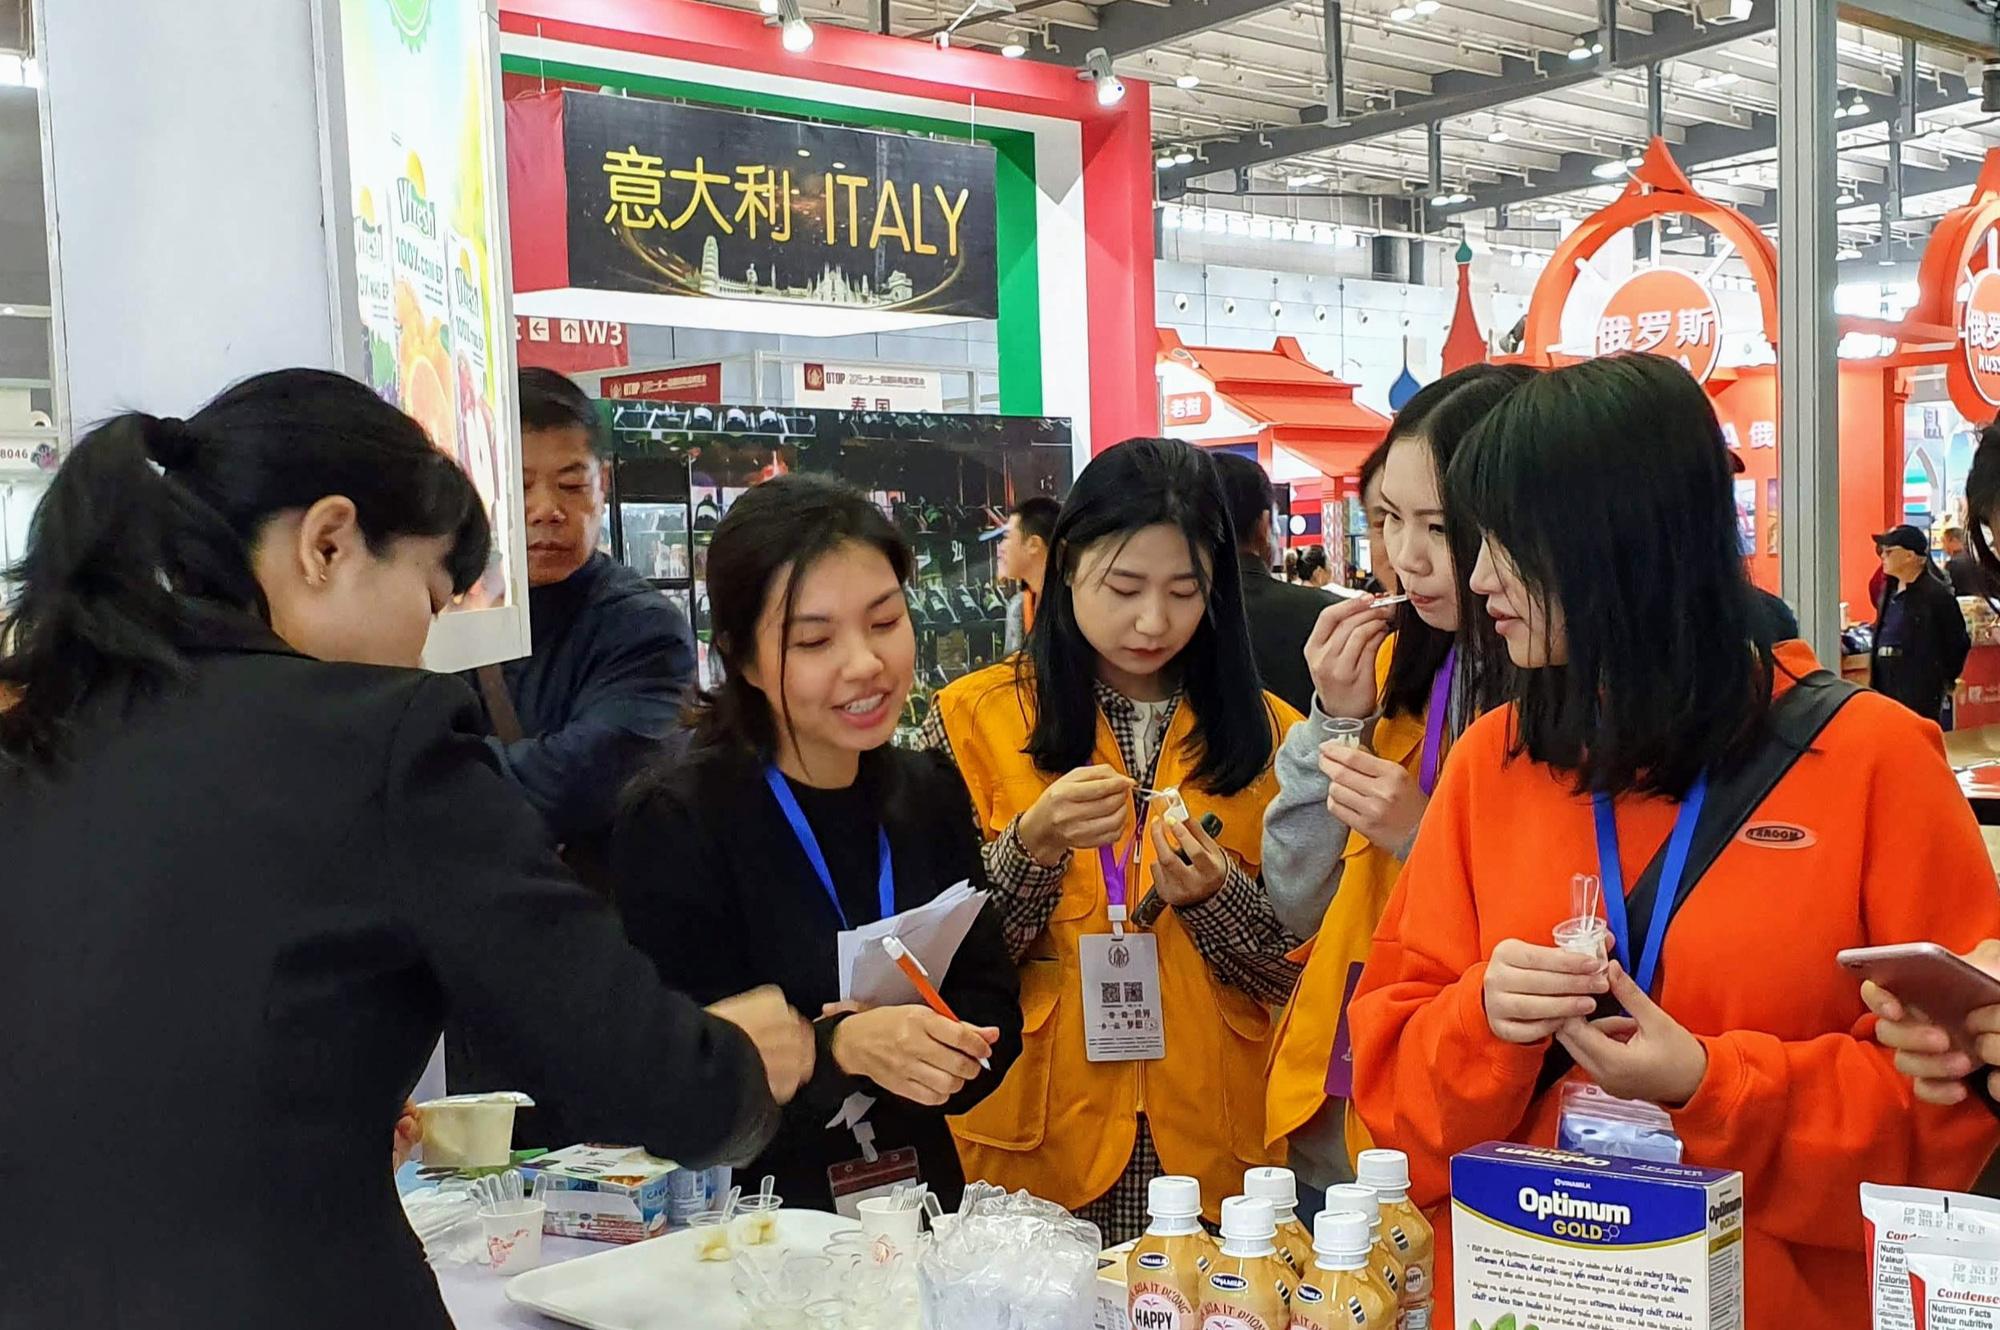 Giới truyền thông đưa ra nhận xét tích cực về Vinamilk tại Trung Quốc - Ảnh 9.